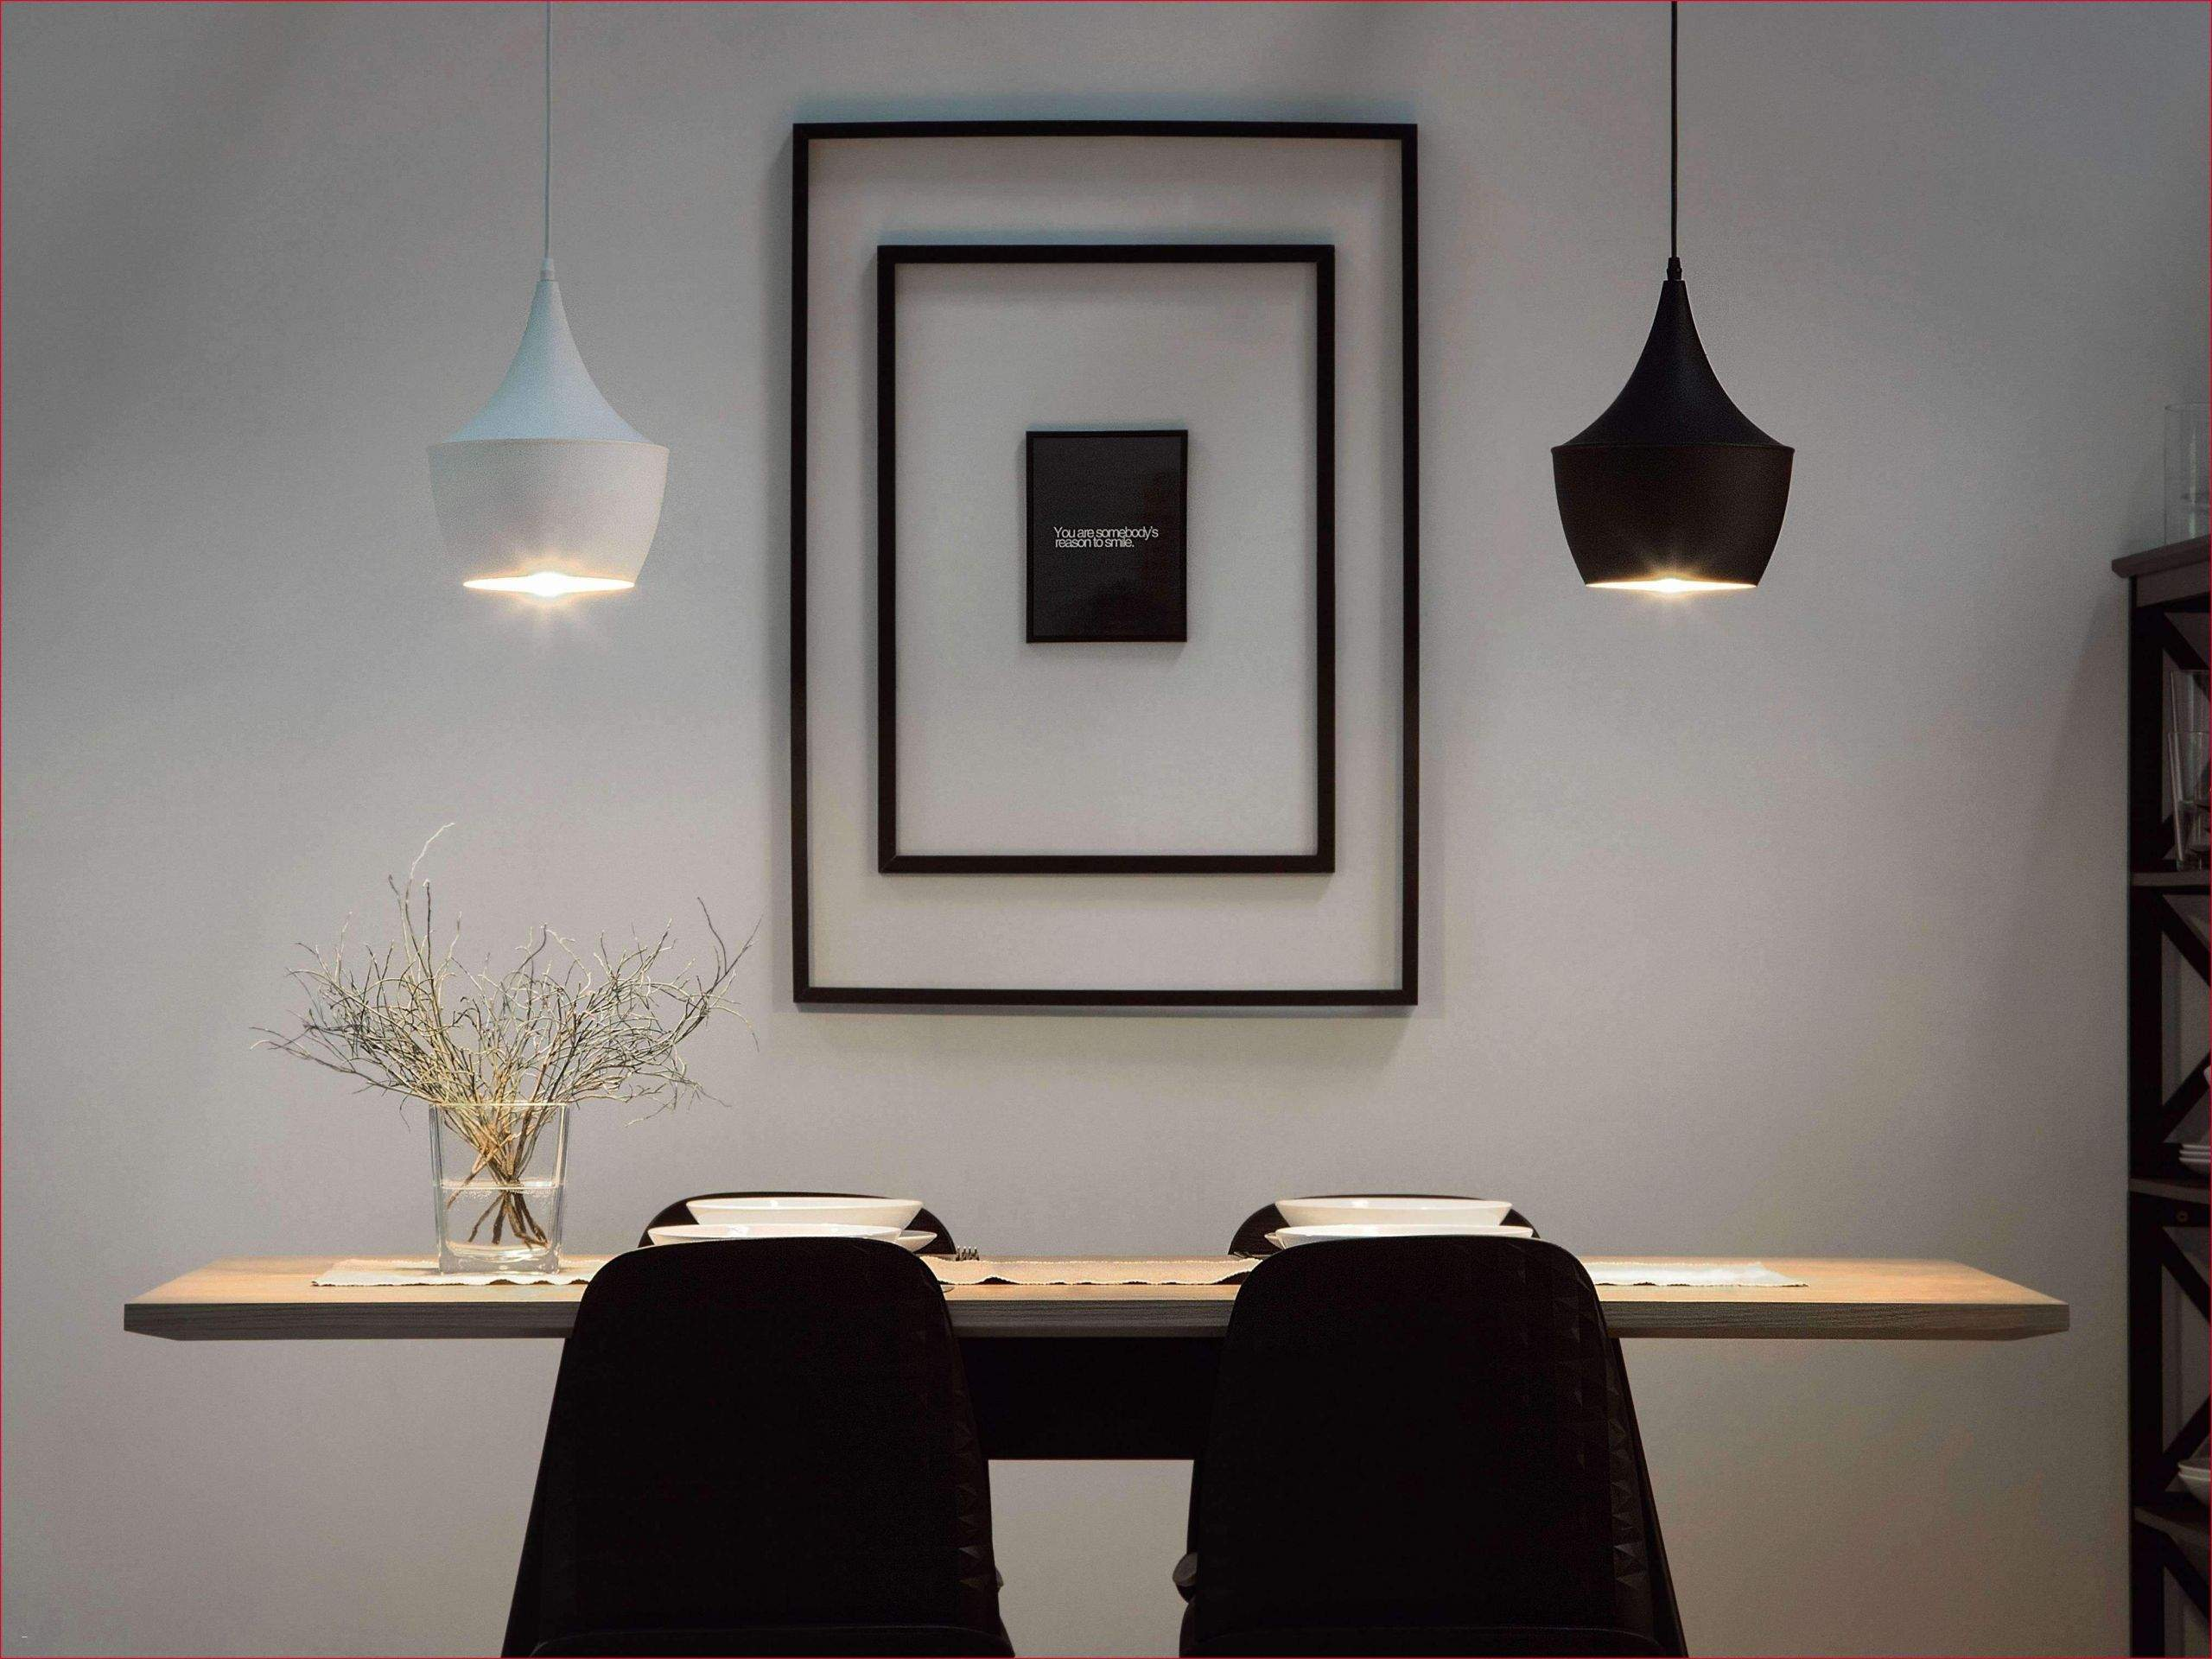 led beleuchtung garten neu 39 luxus led leuchten wohnzimmer neu of led beleuchtung garten scaled